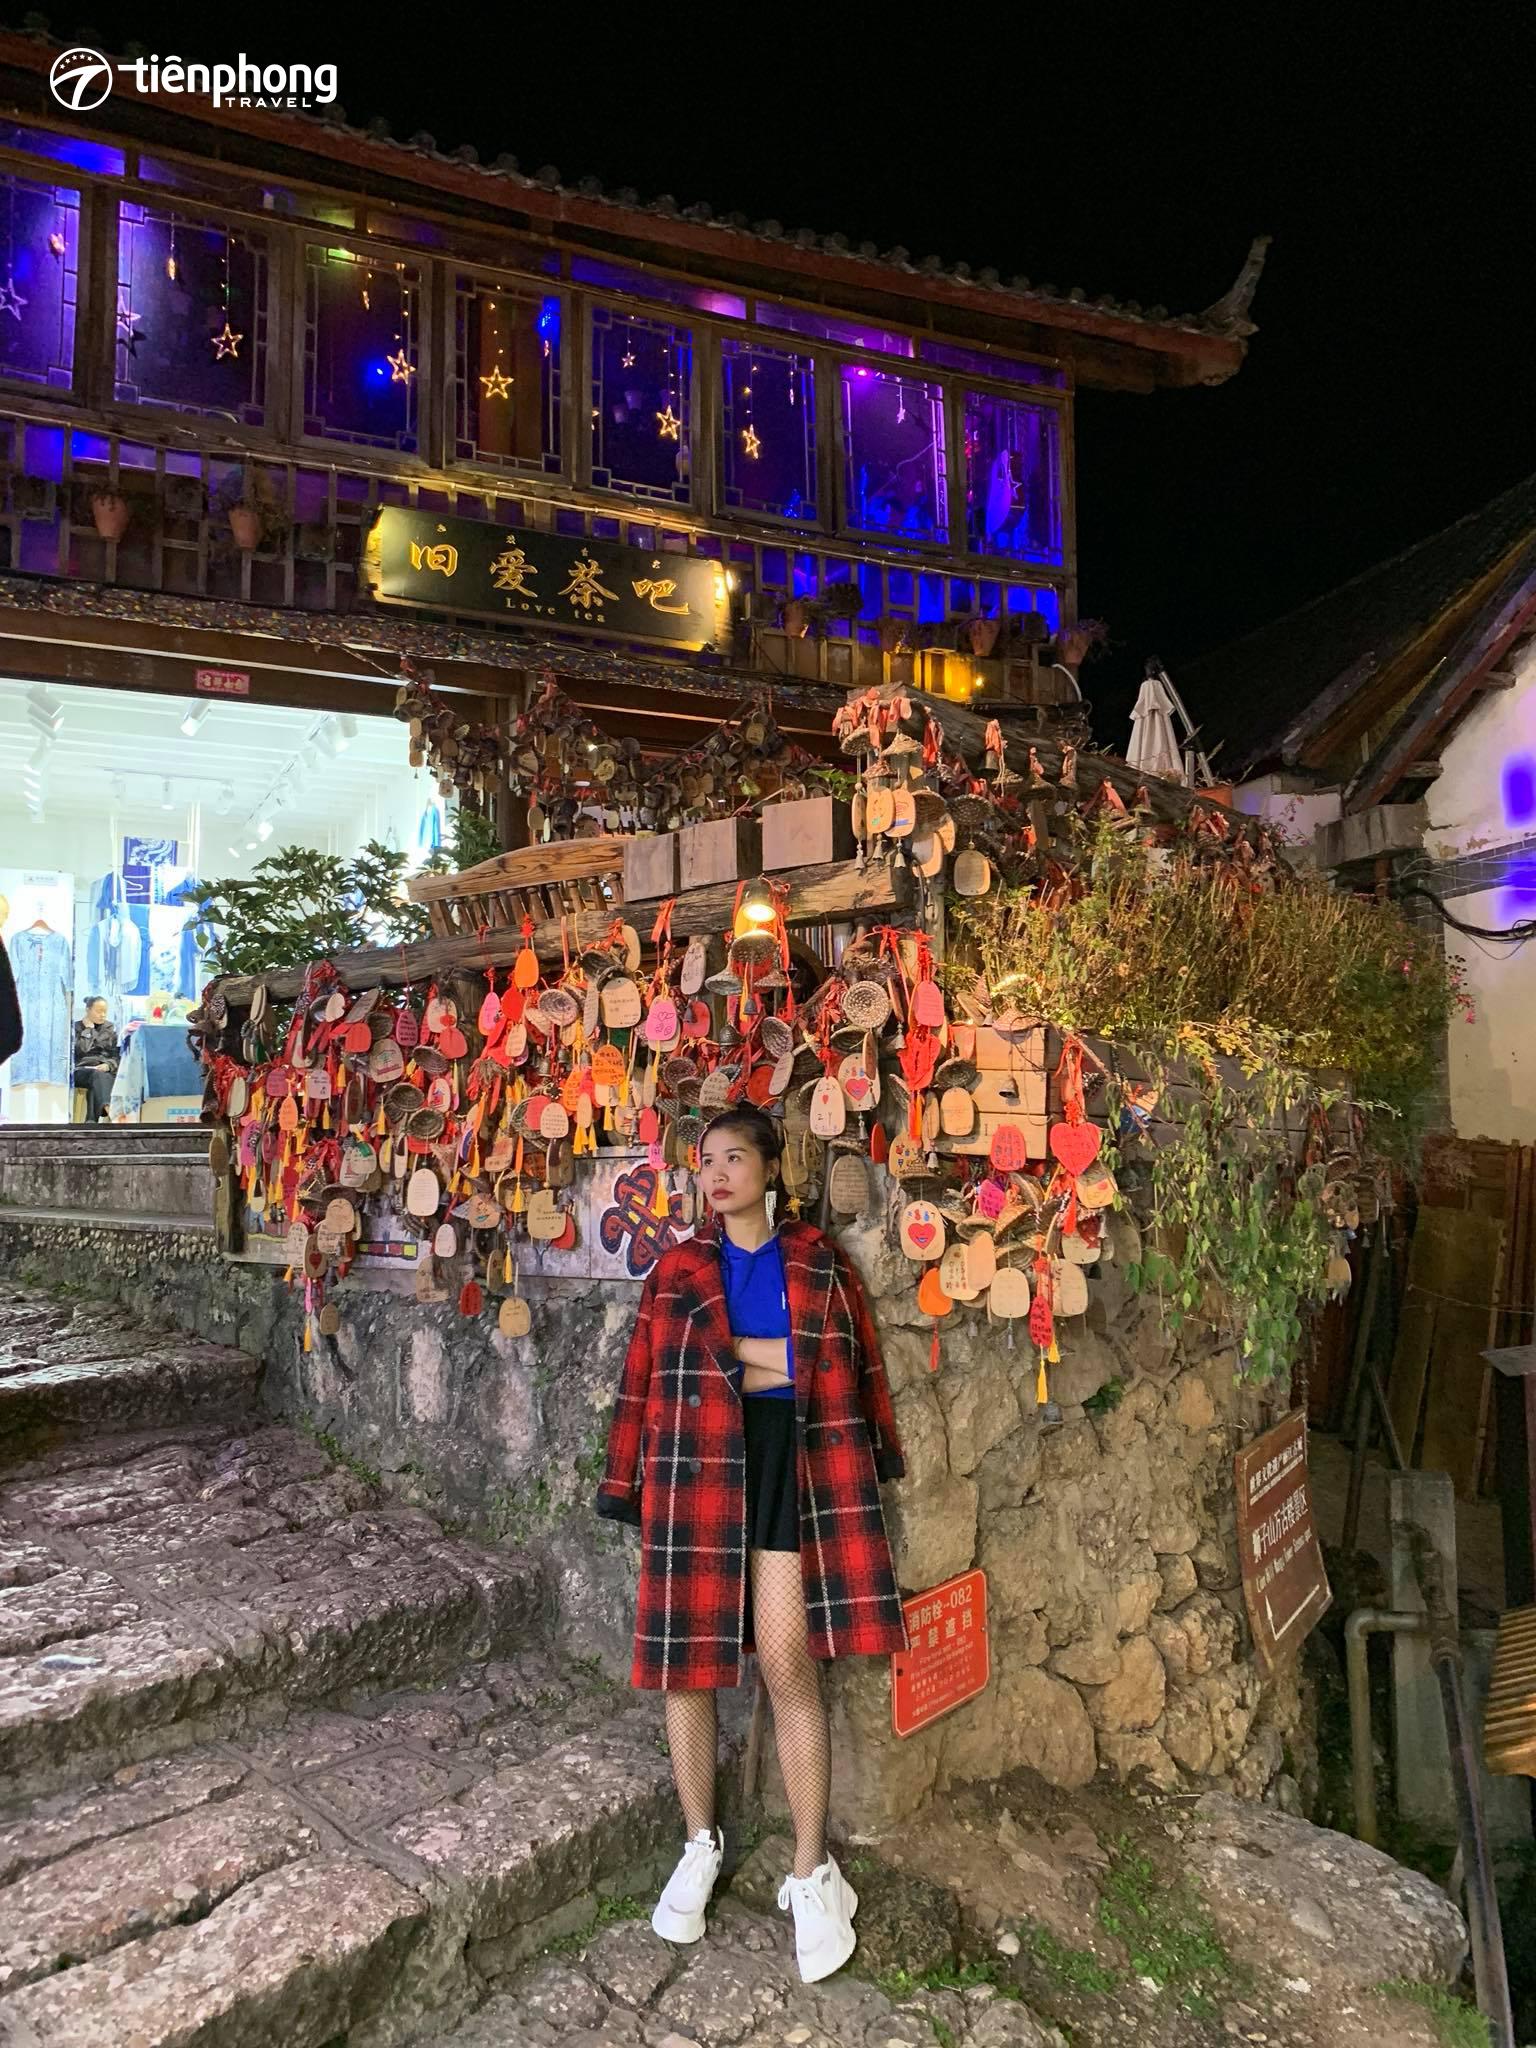 Đi Lệ Giang mùa nào đẹp nhất? - Tour Lệ Giang Shangrila Tiên Phong Travel